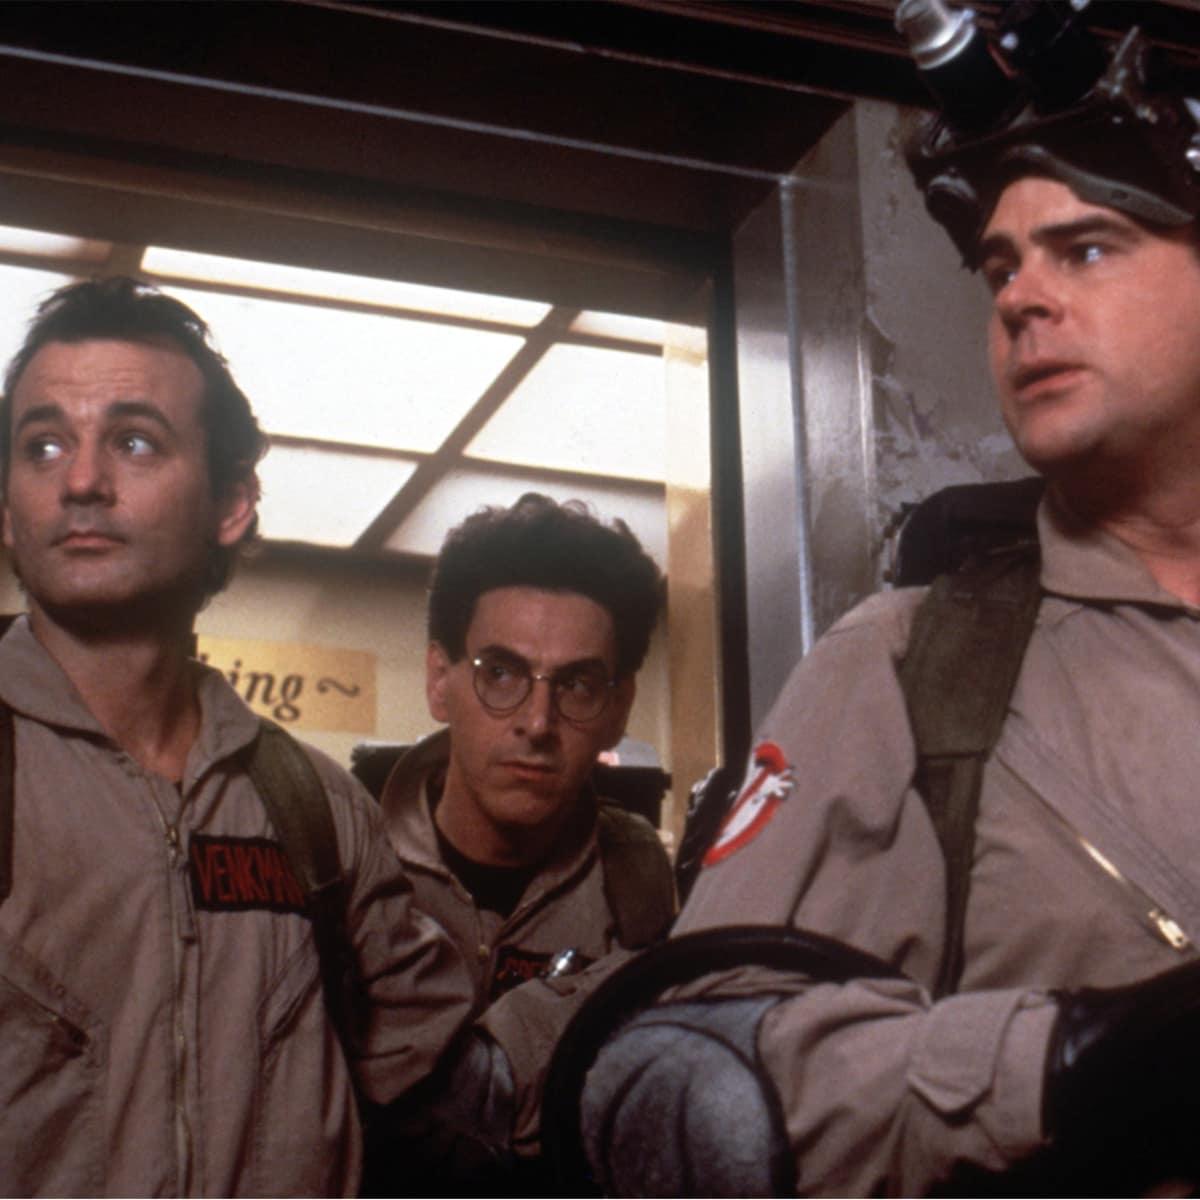 Ghostbusters with Bill Murray, Dan Aykroyd and Harold Ramis